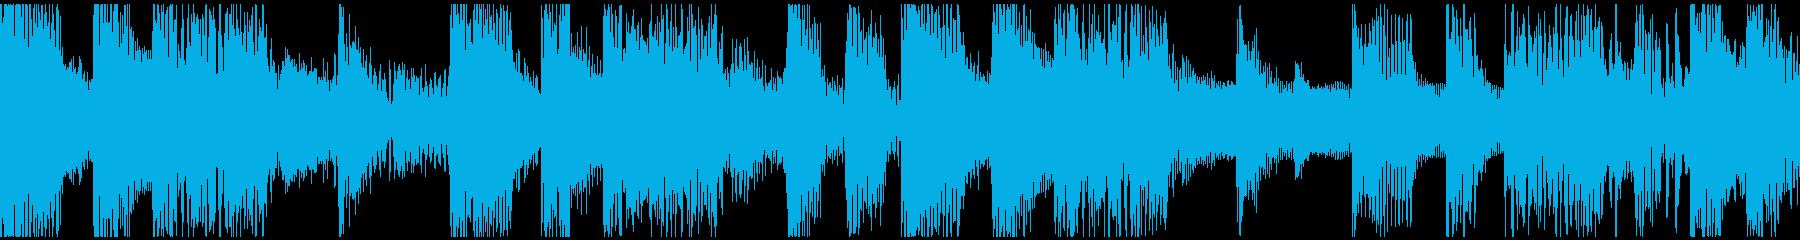 ループ。オシャレギター。80年代風。の再生済みの波形